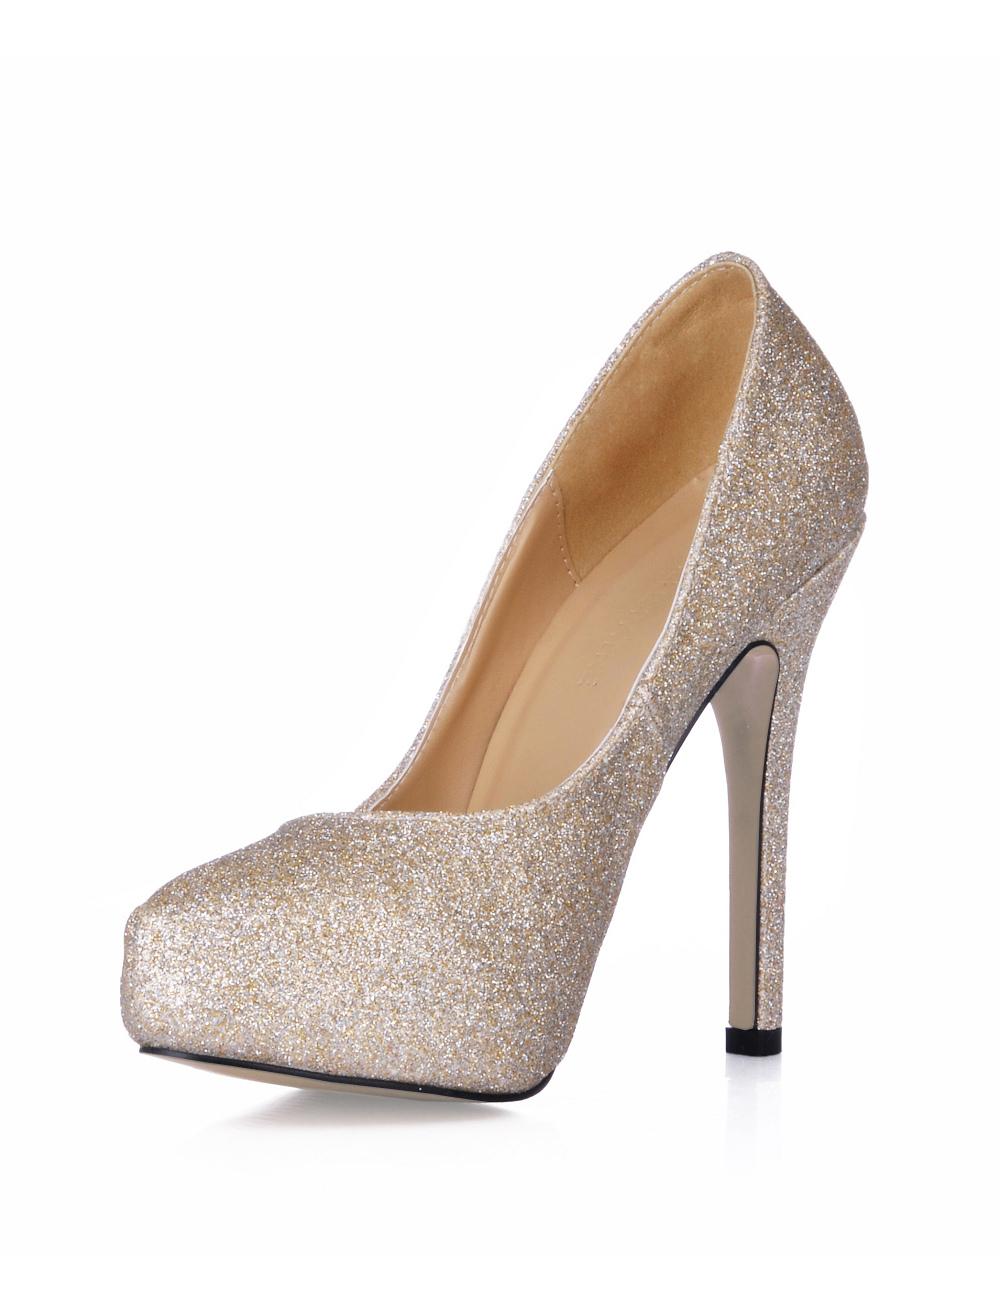 sch ne damen pumps mit pailletten und high heels. Black Bedroom Furniture Sets. Home Design Ideas